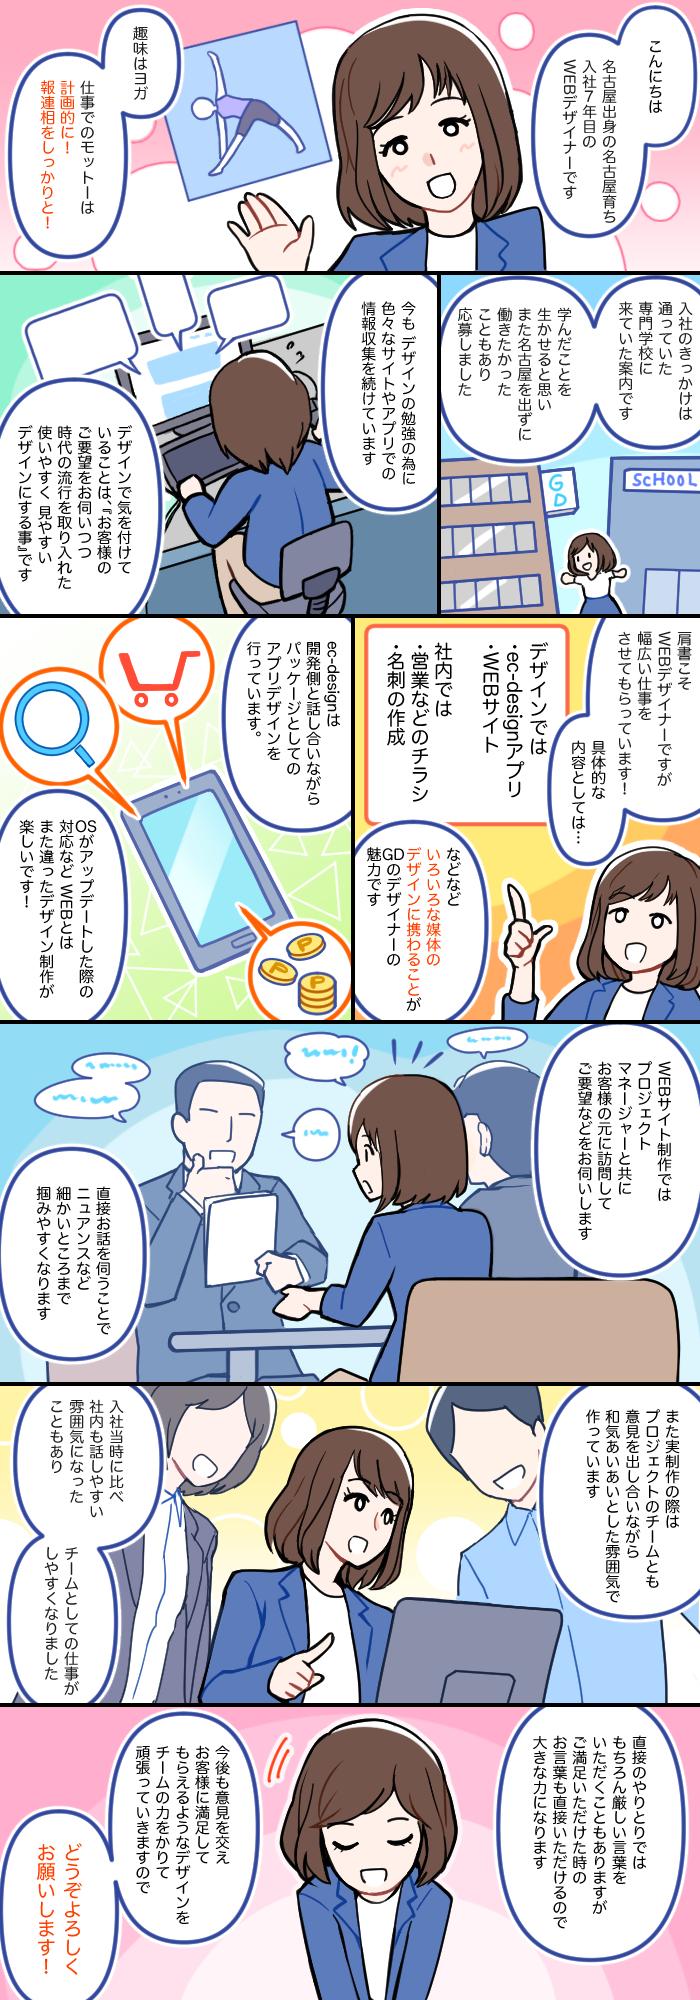 2014年入社 デザイナー 自己紹介漫画